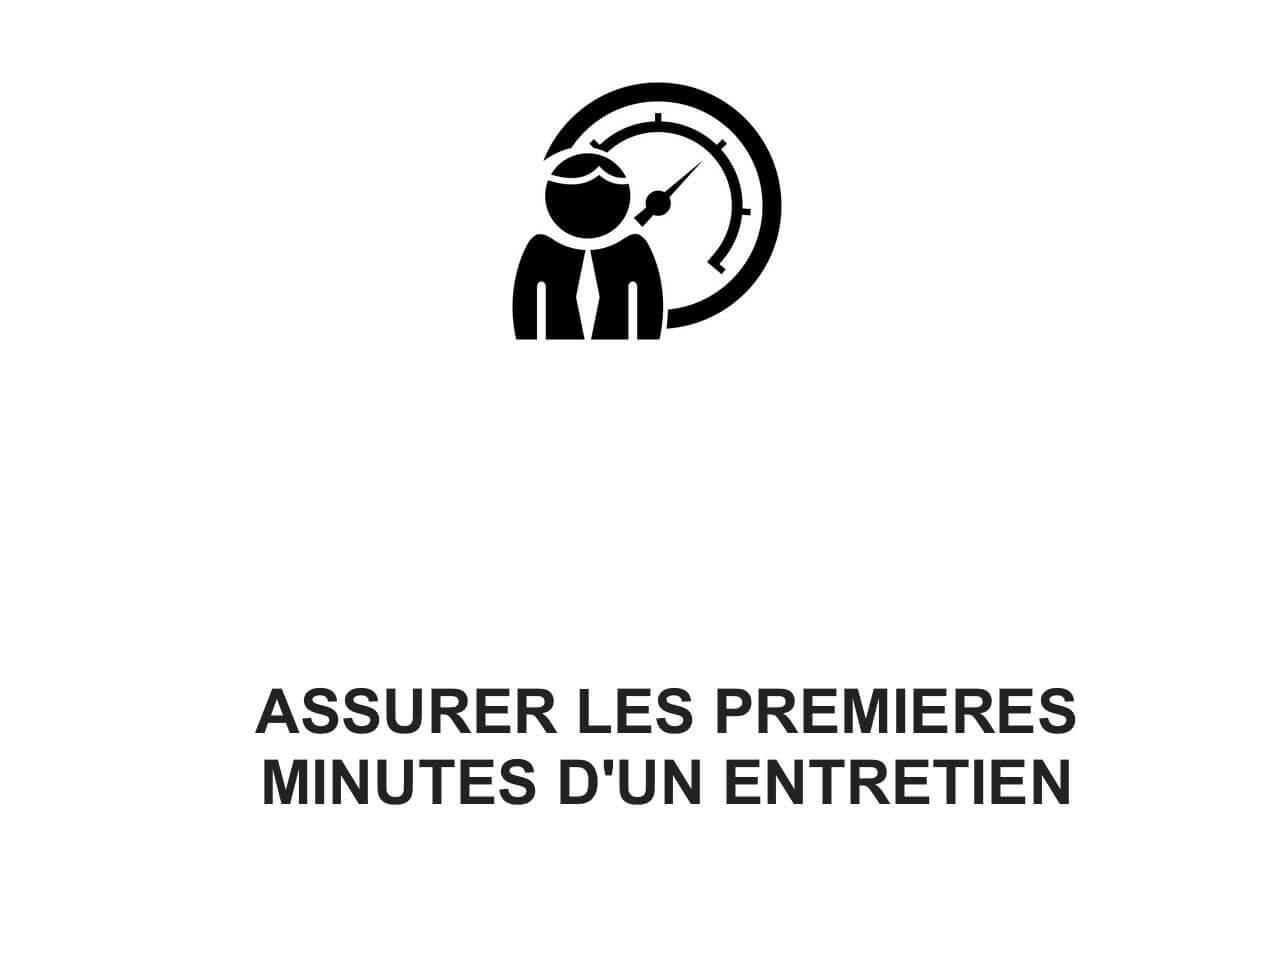 jobtimise-assurer-les-premieres-minute-dun-entretien